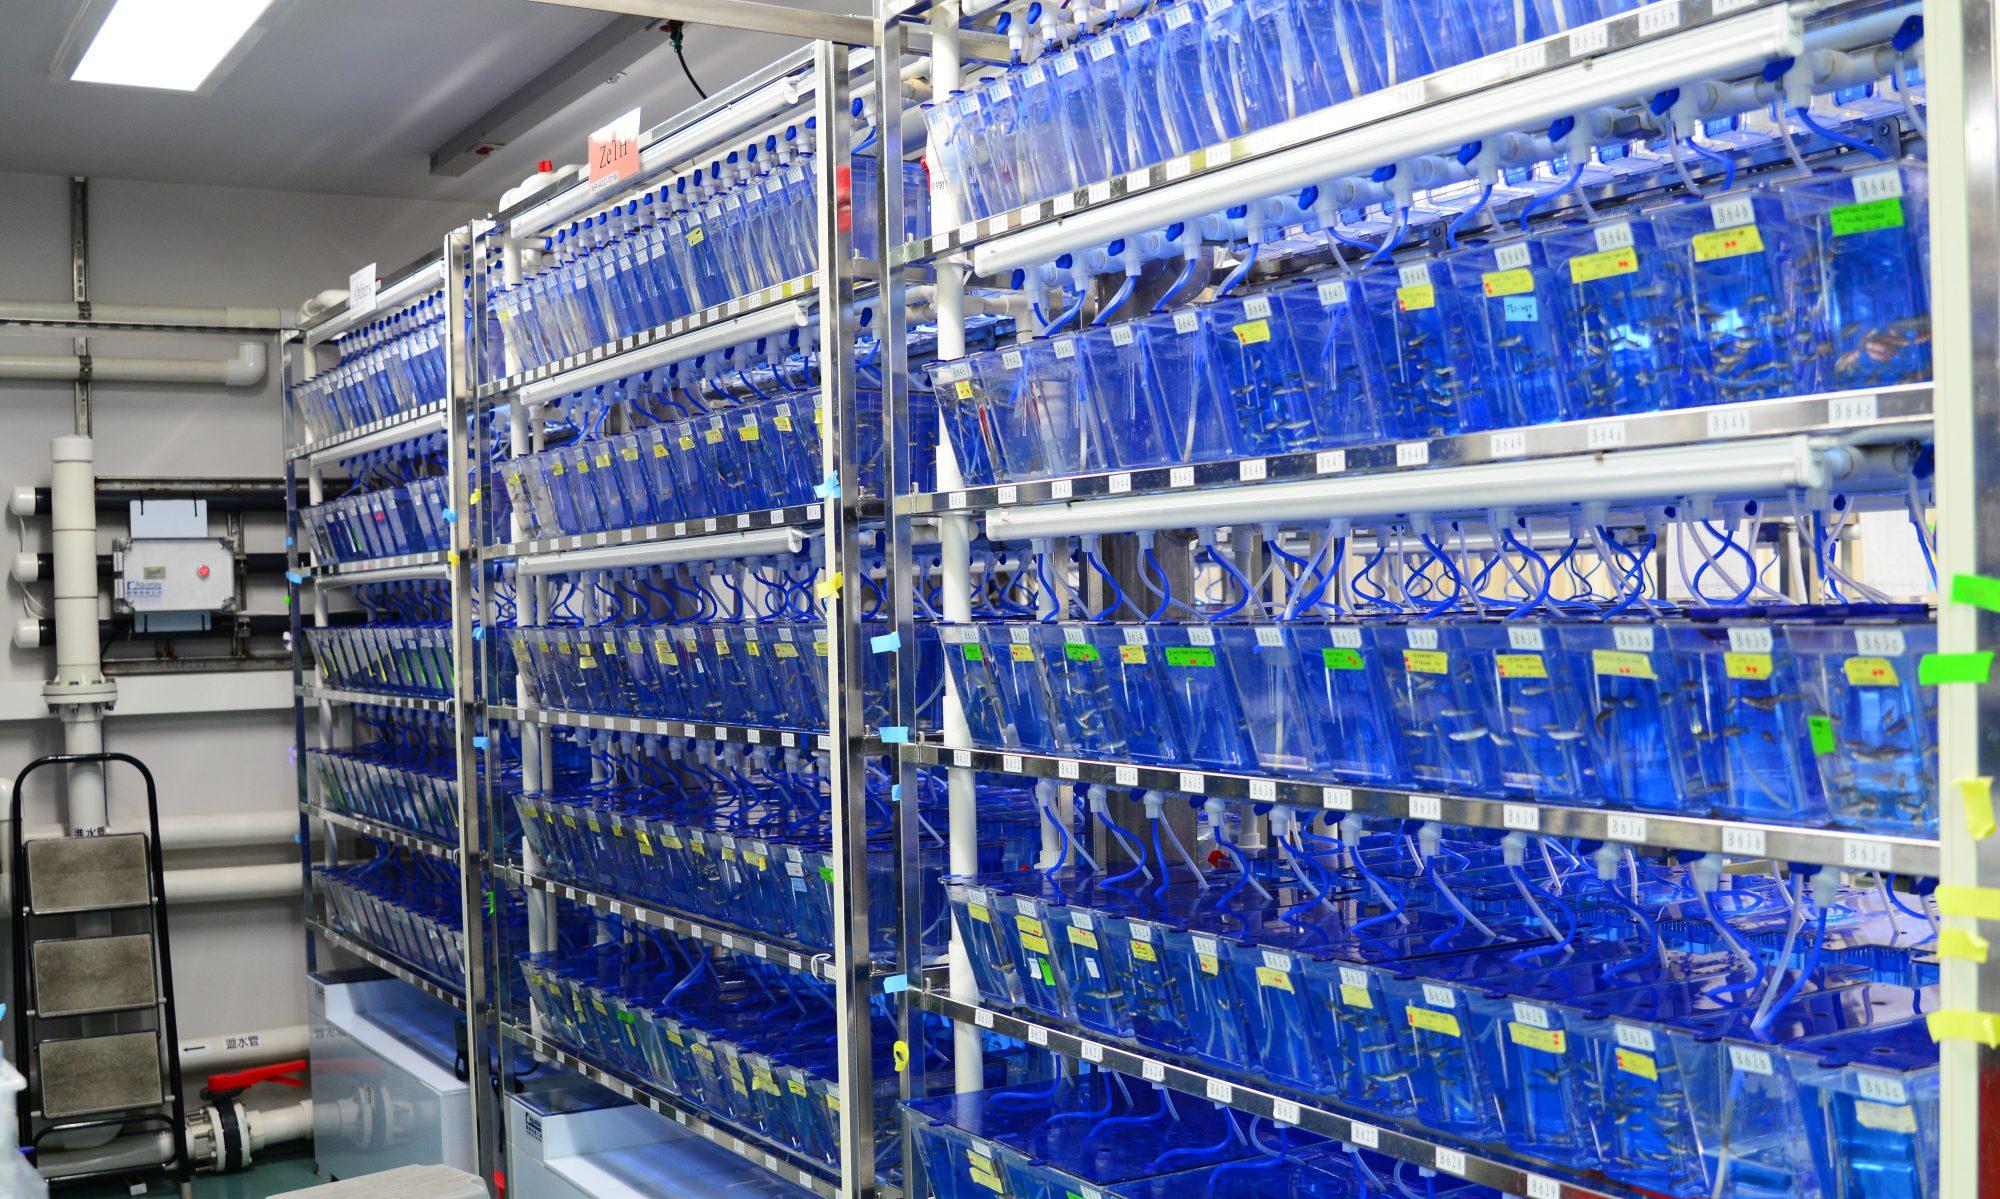 台灣斑馬魚核心設施 - 國家衛生研究院分支